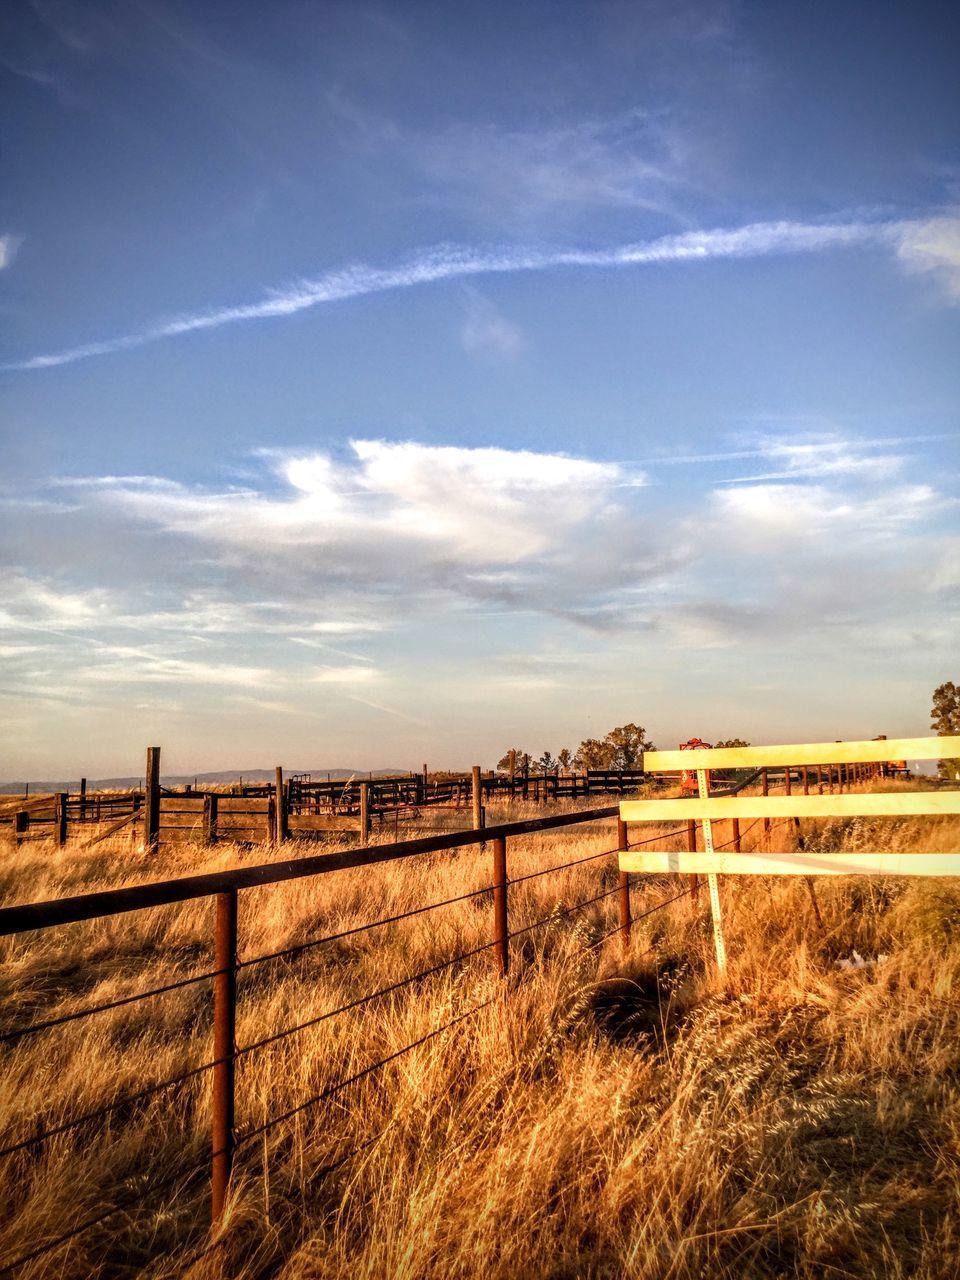 Rural Landscape At Dusk